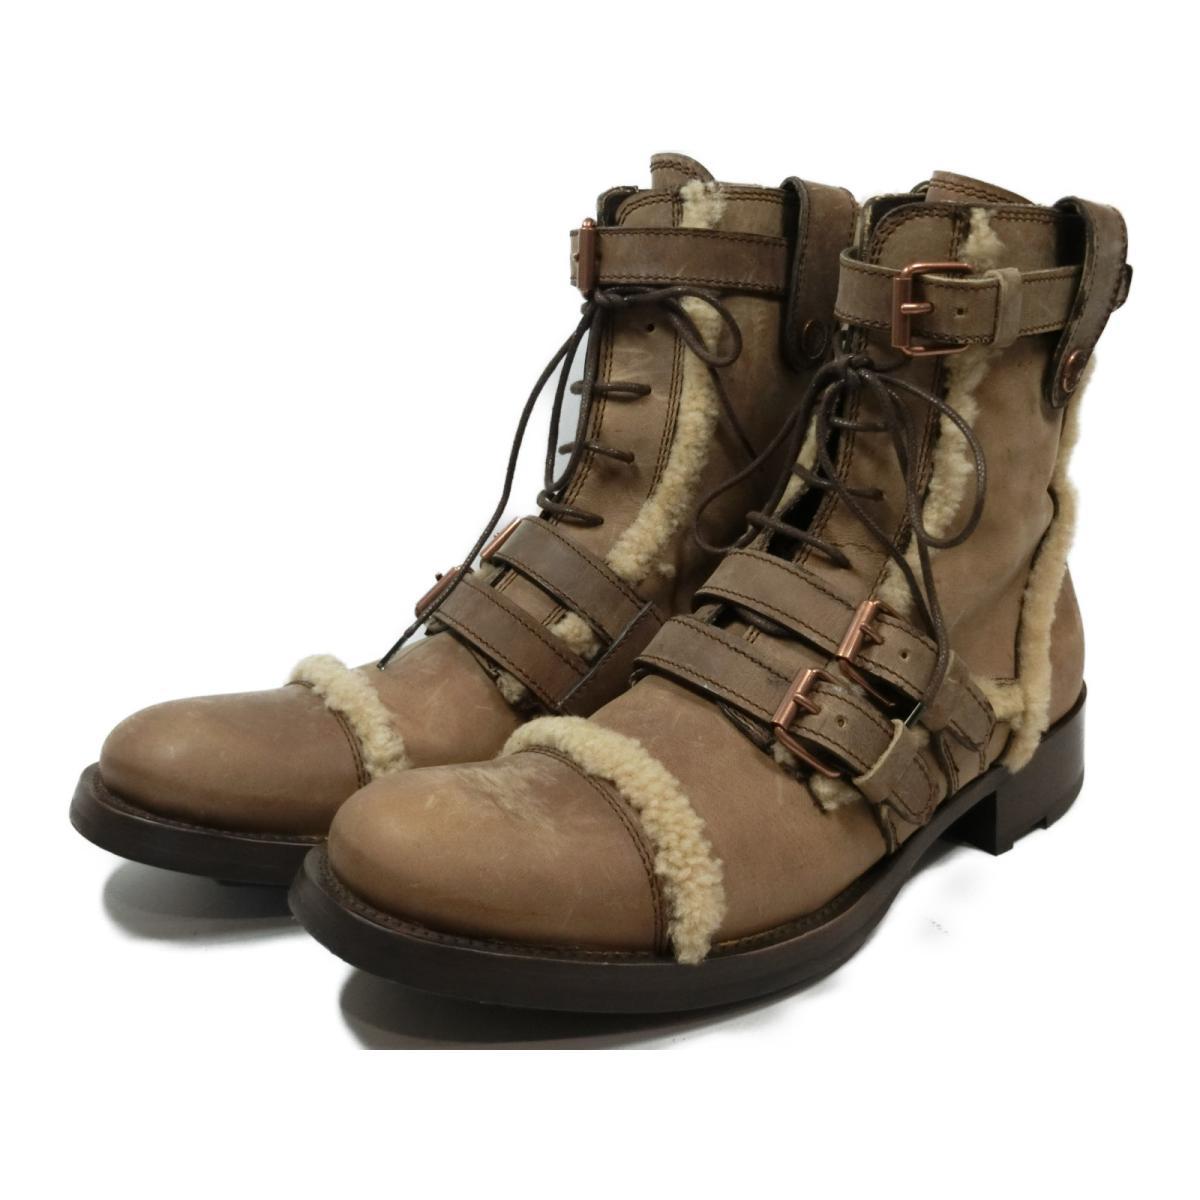 【中古】ドルチェ&ガッバーナ ブーツ/MEN'S 靴 メンズ レザー キャメル